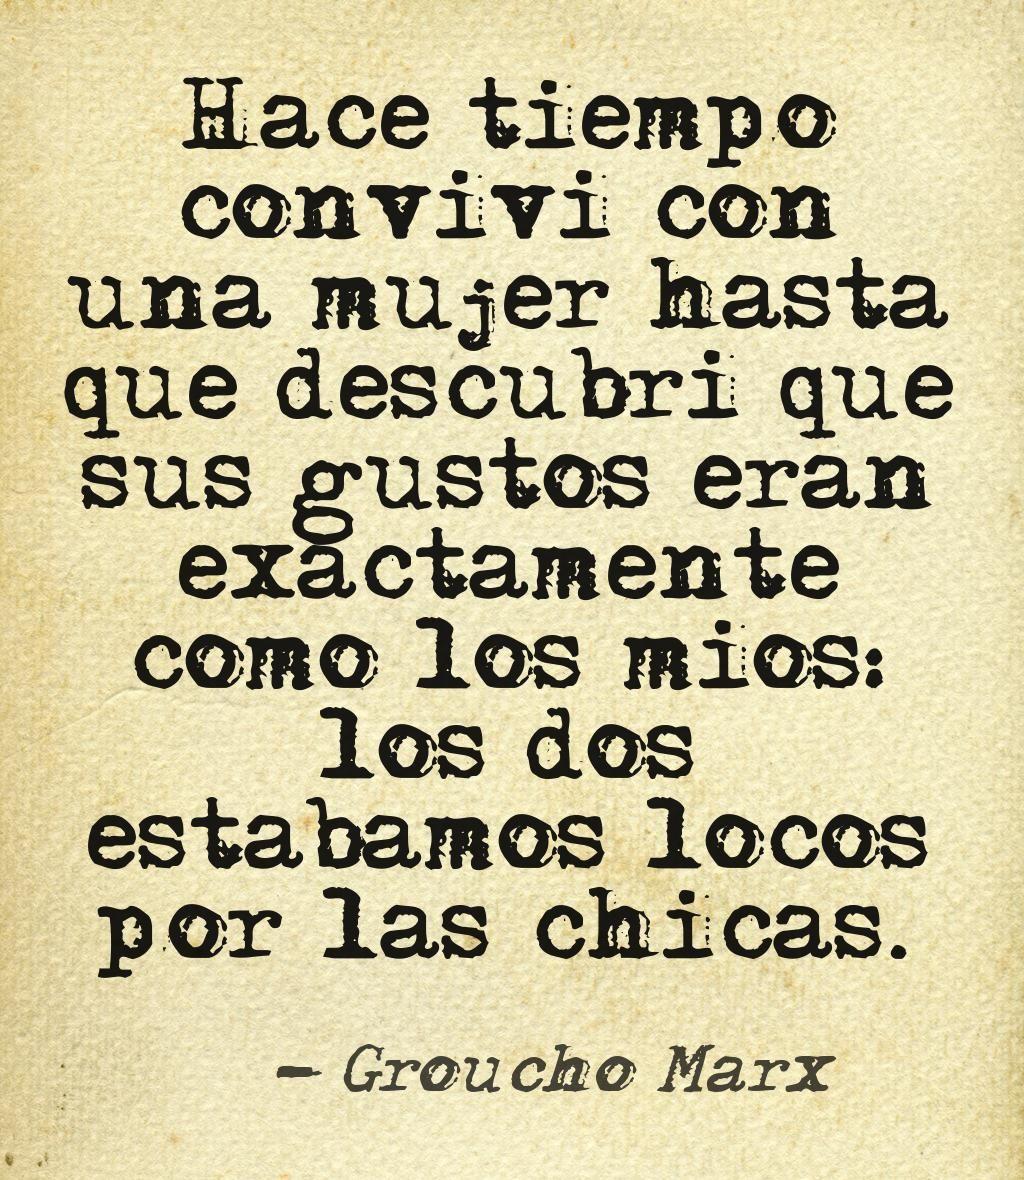 Groucho Marx  Hace tiempo conviví casi dos años con una mujer hasta que descubrí que sus gustos eran exactamente como los míos: los dos estábamos locos por las chicas.